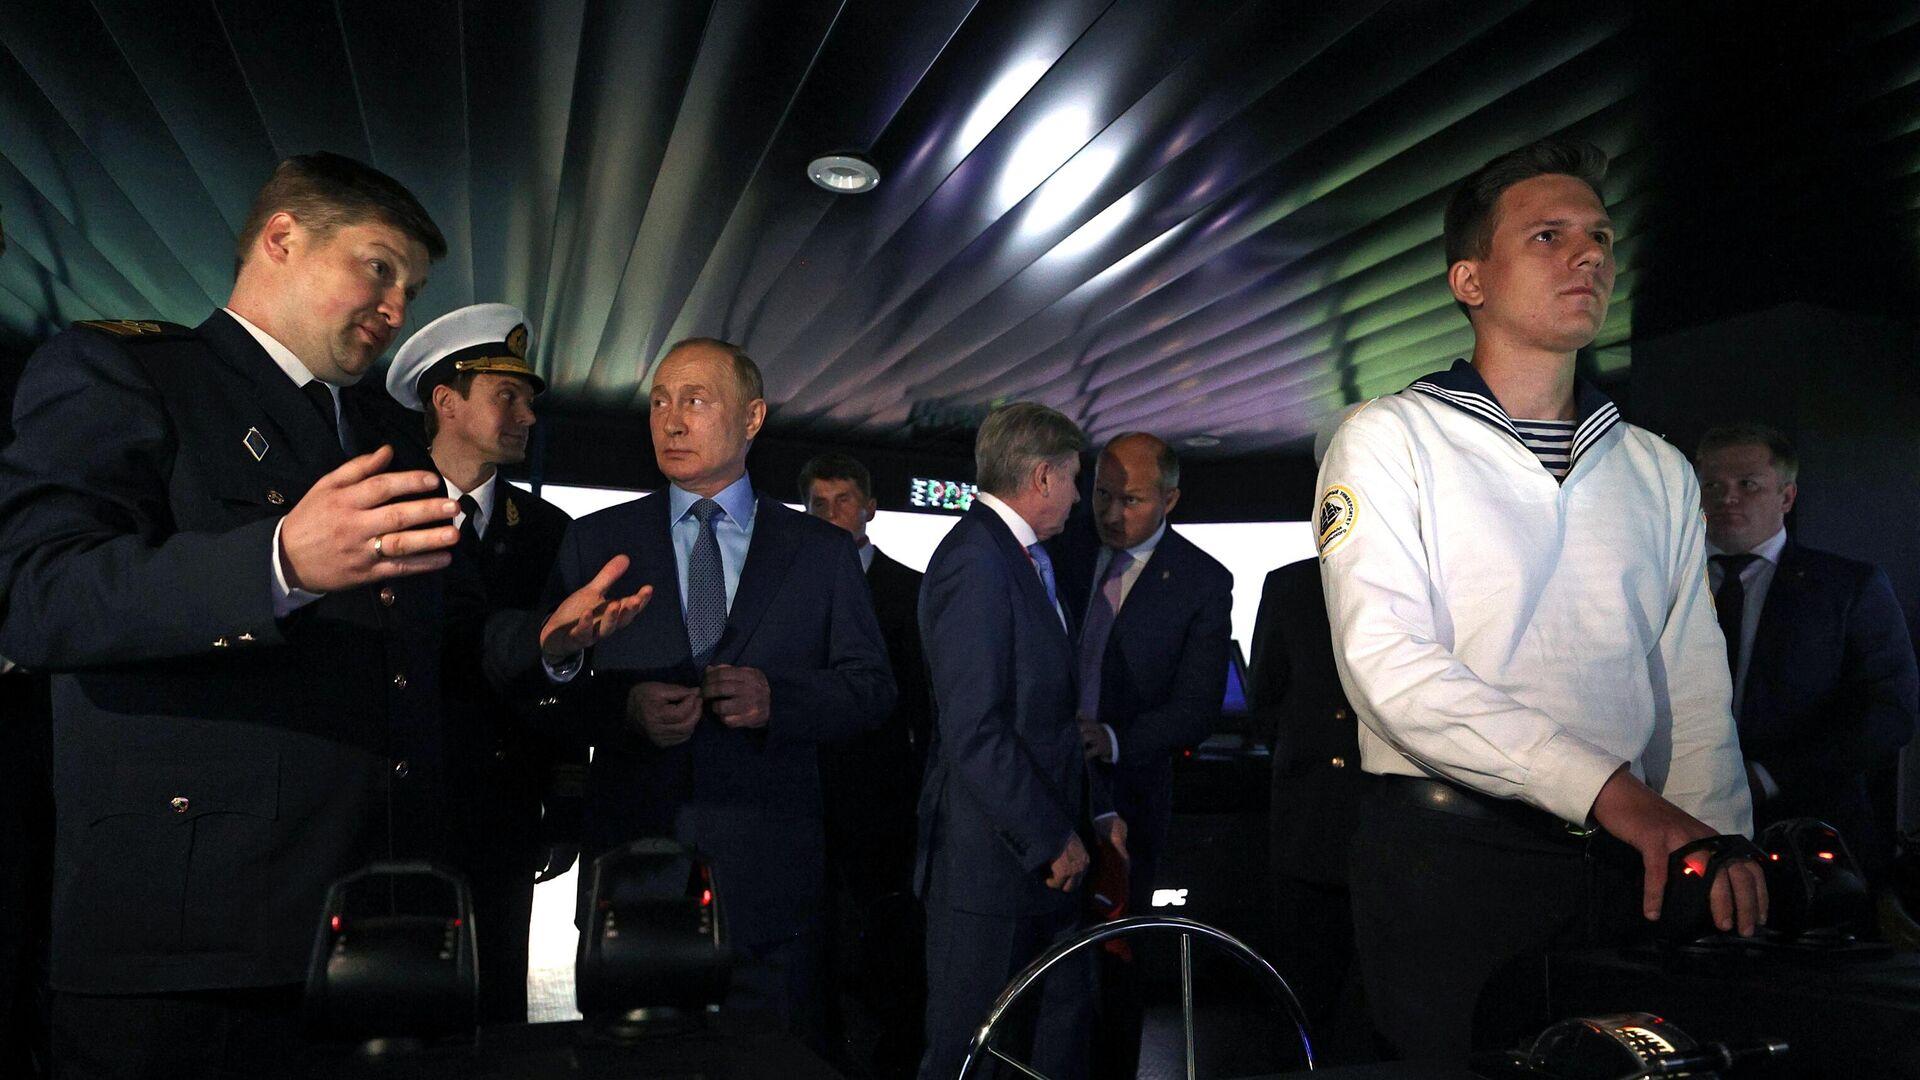 Председник Русије Владимир Путин током посете Центру за обуку Поморског државног универзитета  - Sputnik Србија, 1920, 02.09.2021